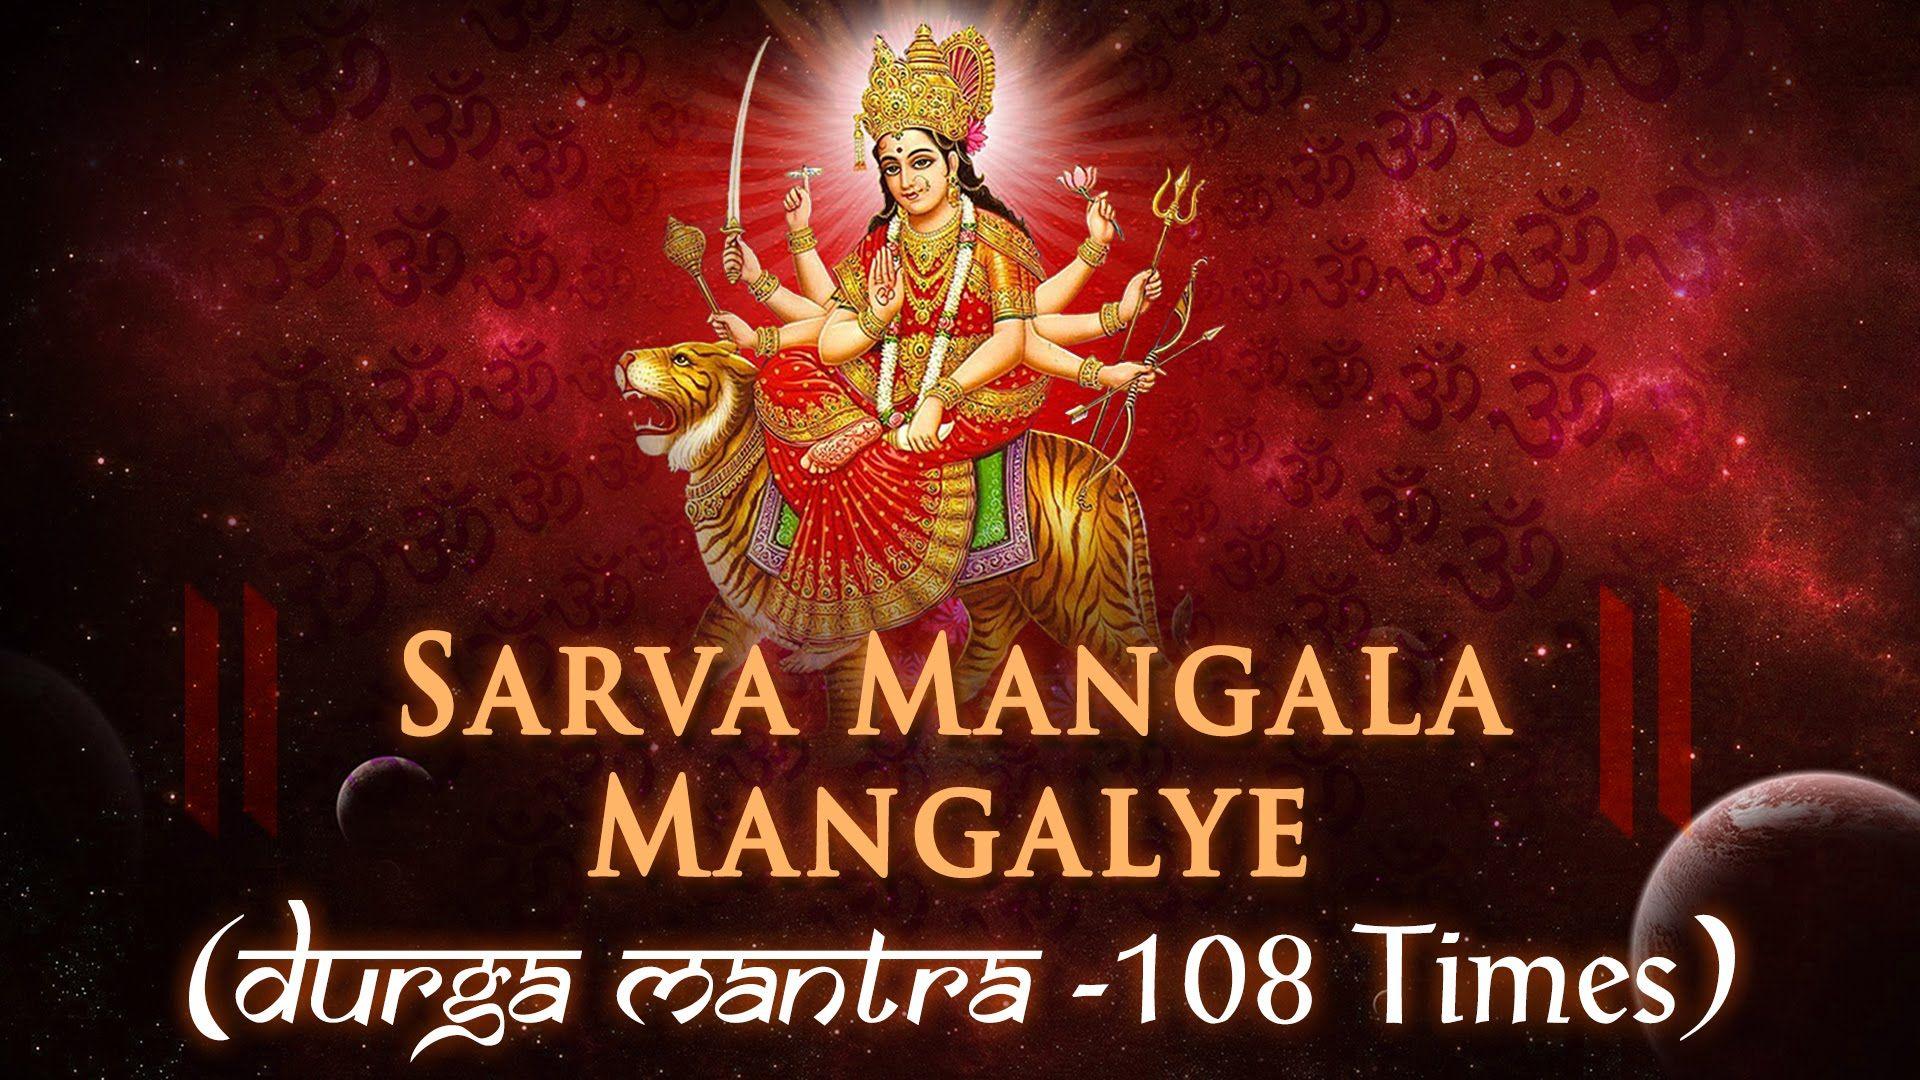 Sarva Mangal Mangalye   Popular Durga Mantra   Devi Mantra 108 Times